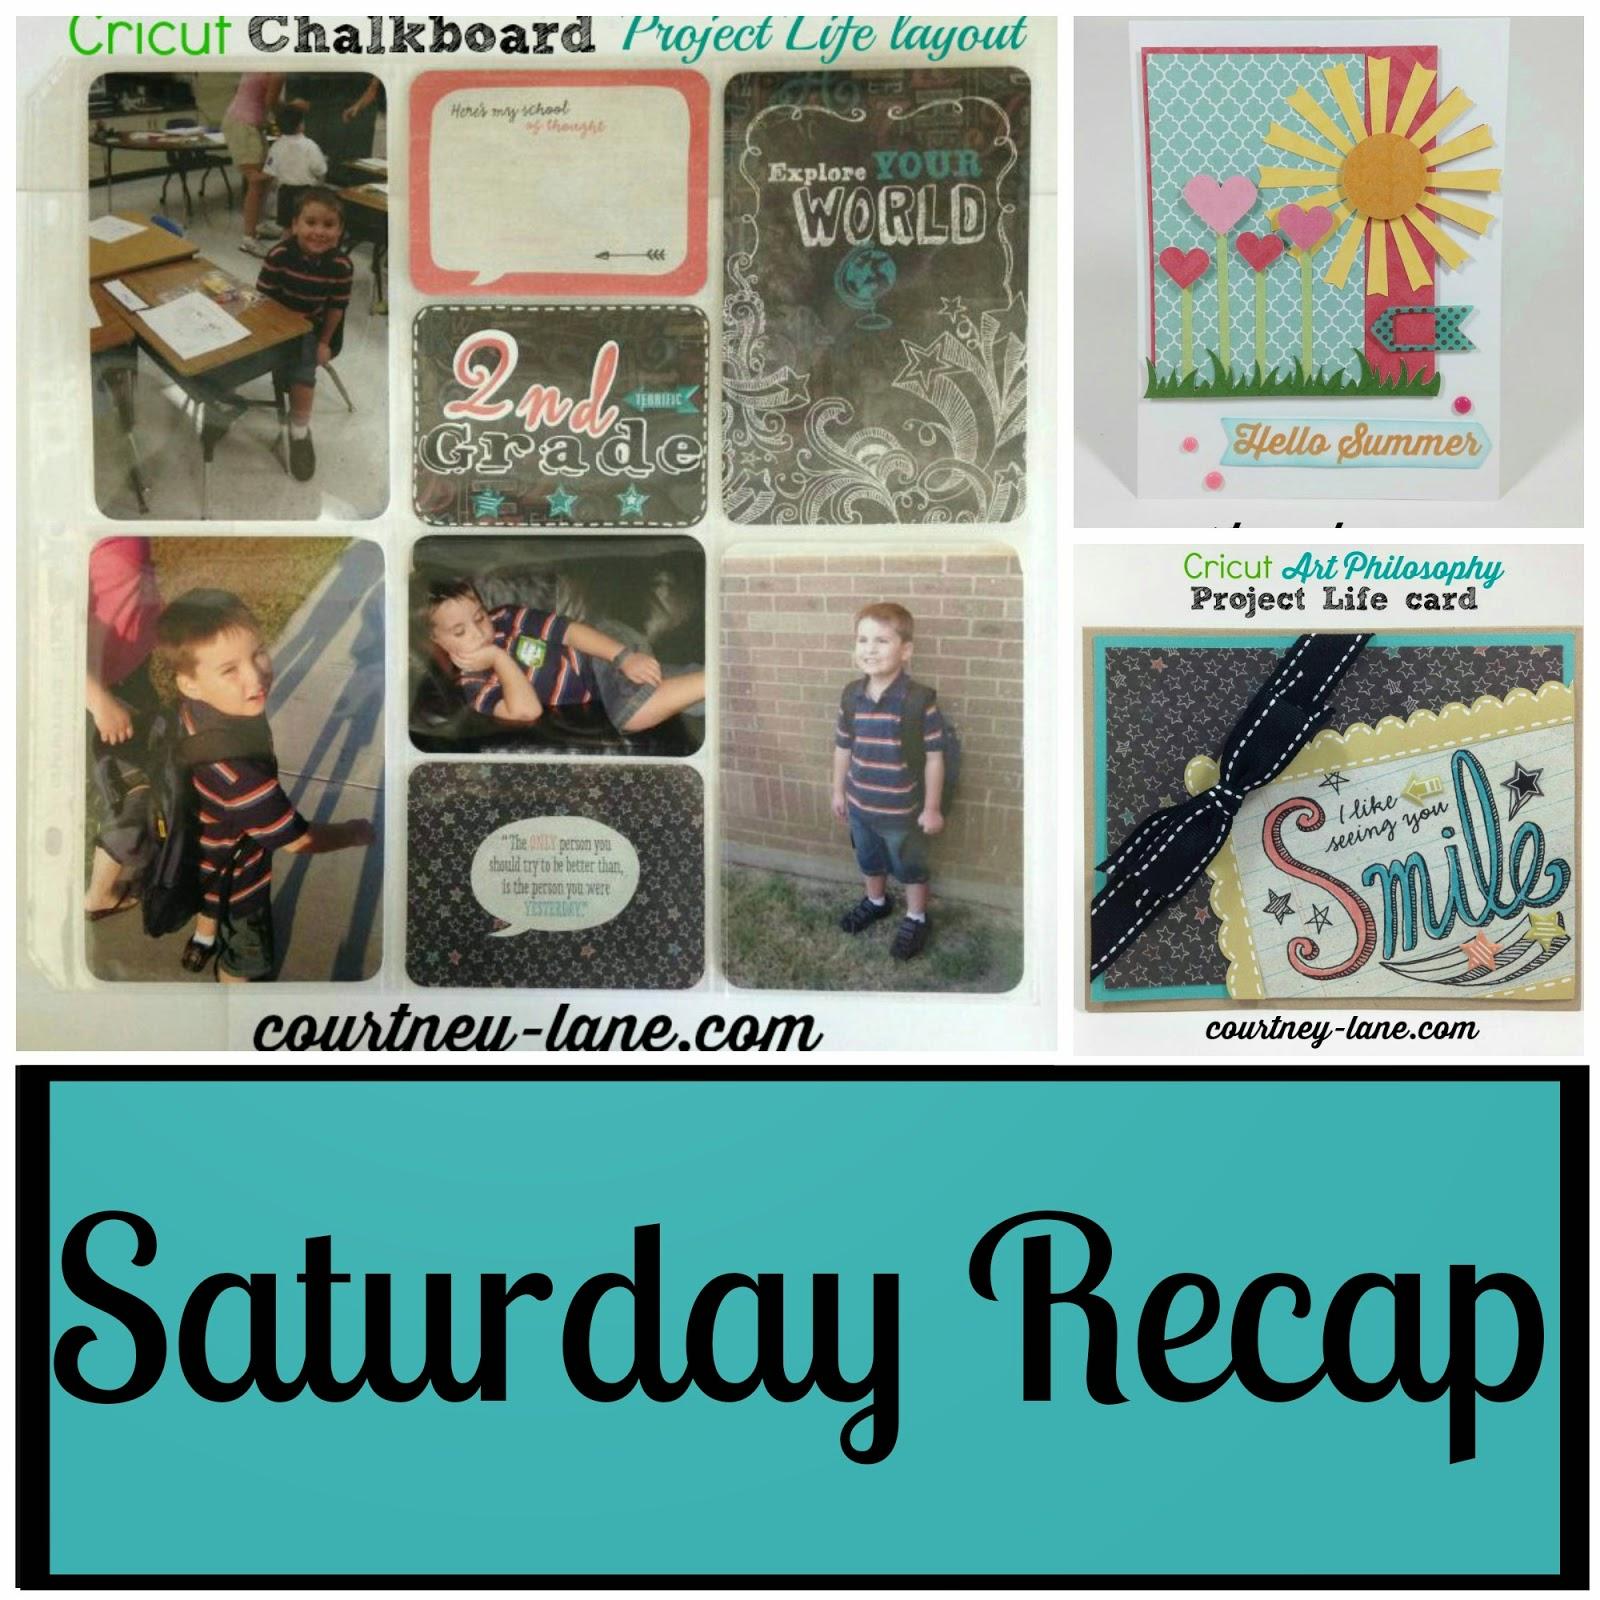 Saturday Recap collage